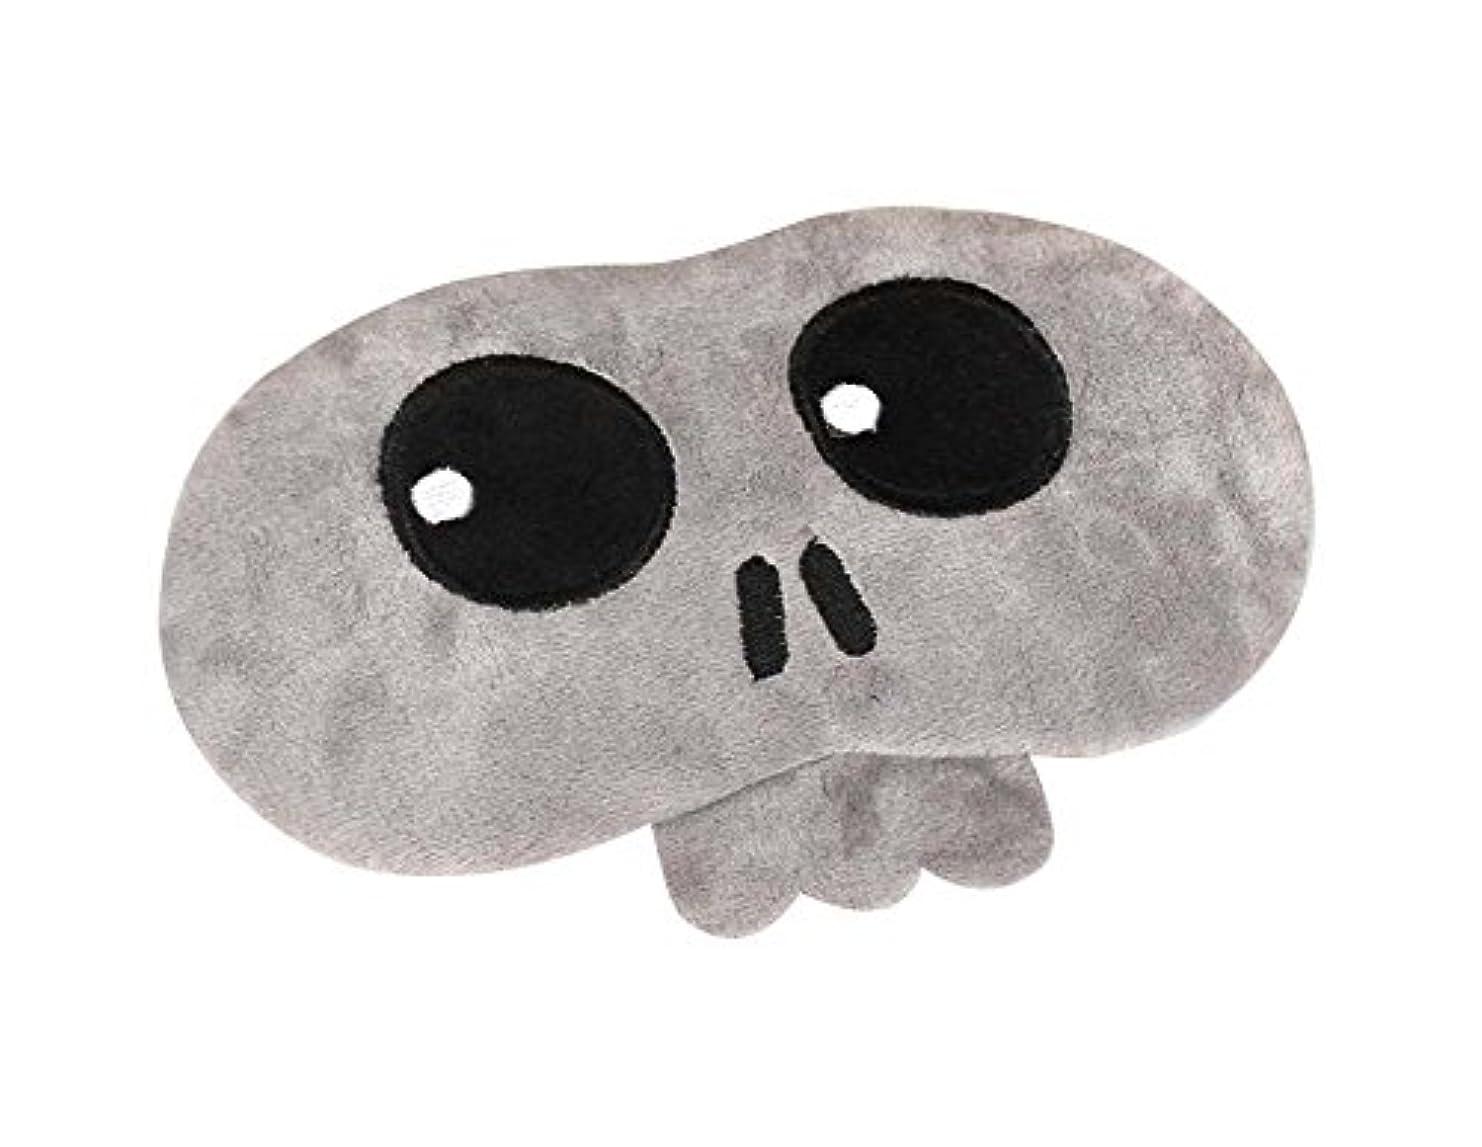 裁定叫ぶ蒸気灰色の頭蓋骨の睡眠の目のマスク快適な目のカバー通気性のアイシェイド